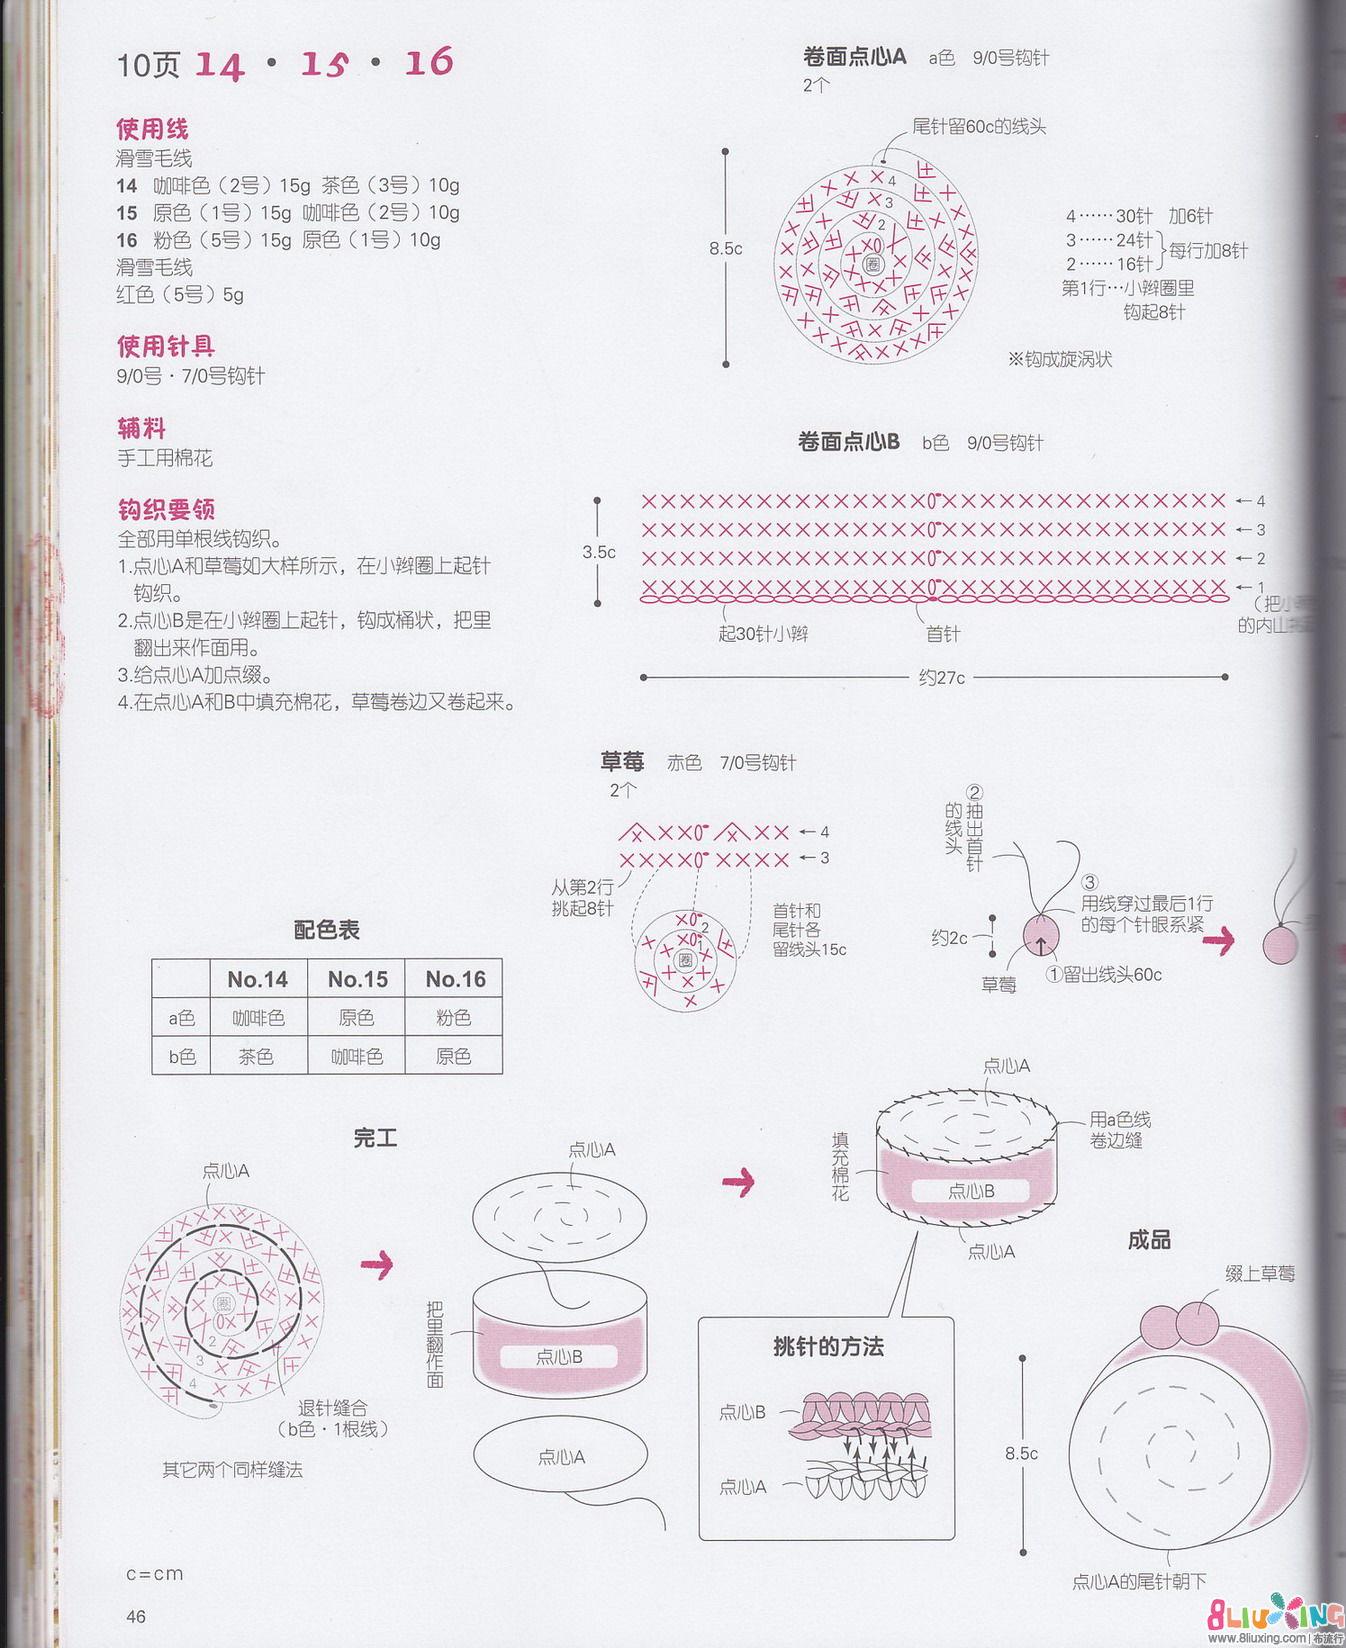 【图纸】可爱钩针流行-蛋糕下载专区-布图解数针双色图纸凤尾拖鞋图片